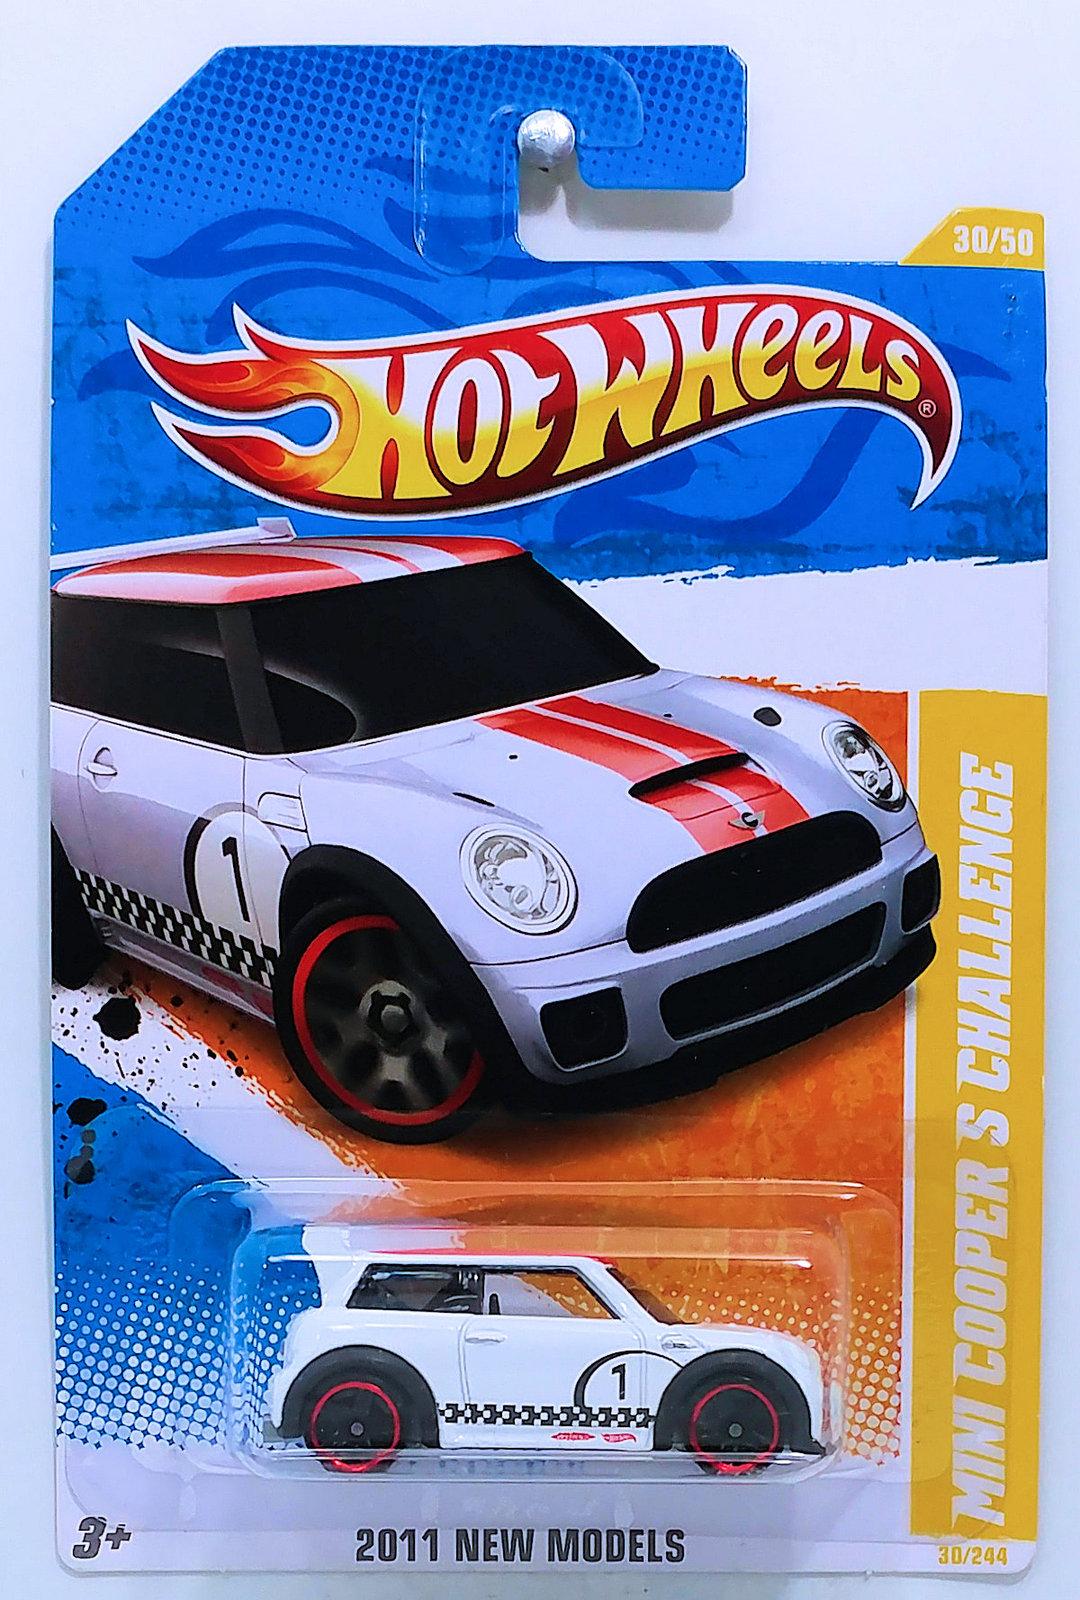 Bonanza May 2011: Mini Cooper S Challenge